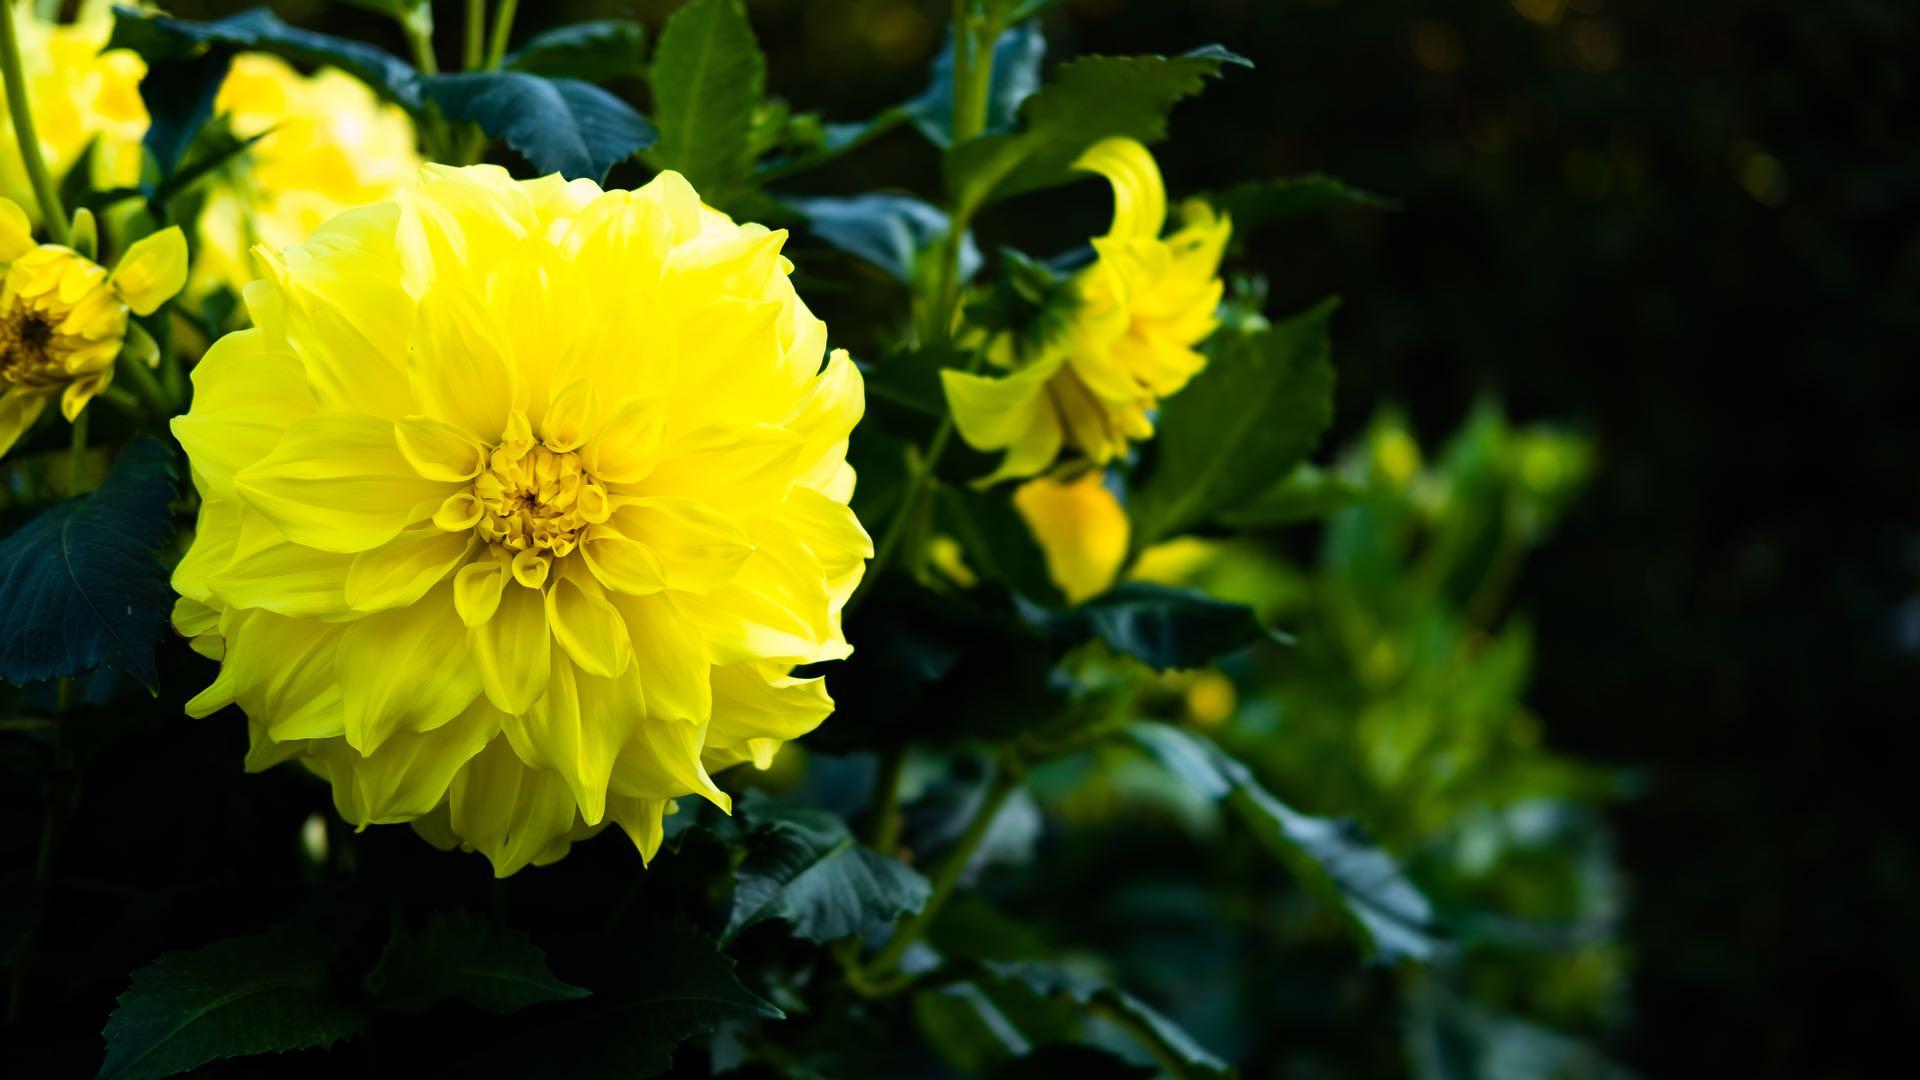 Yellow Dahlia 1920x1080